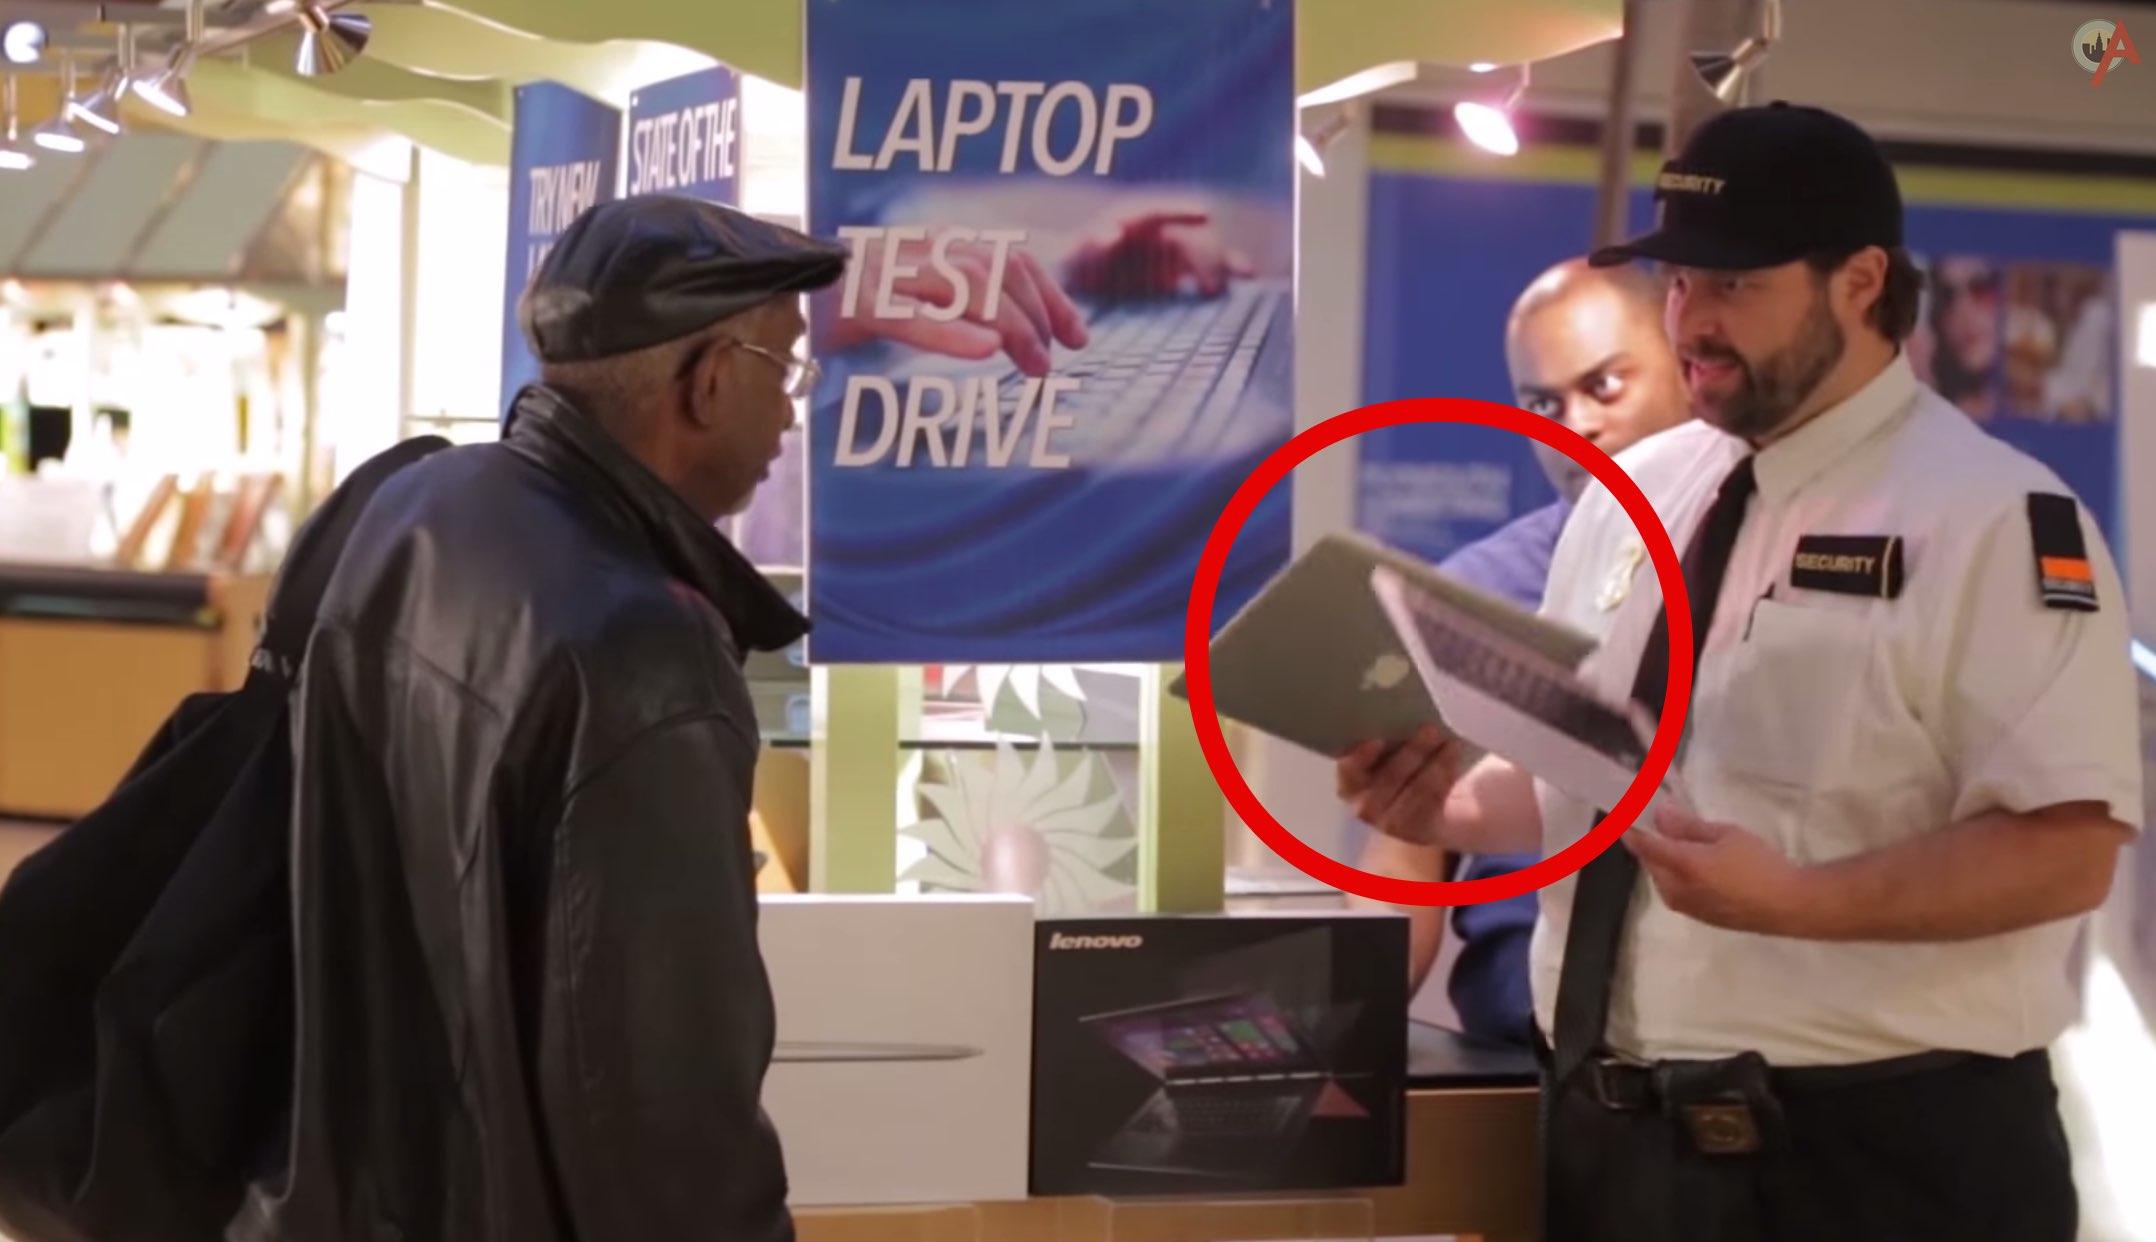 Werbeaktion: Lenovo zerbricht Apple MacBooks vor laufender Kamera 9